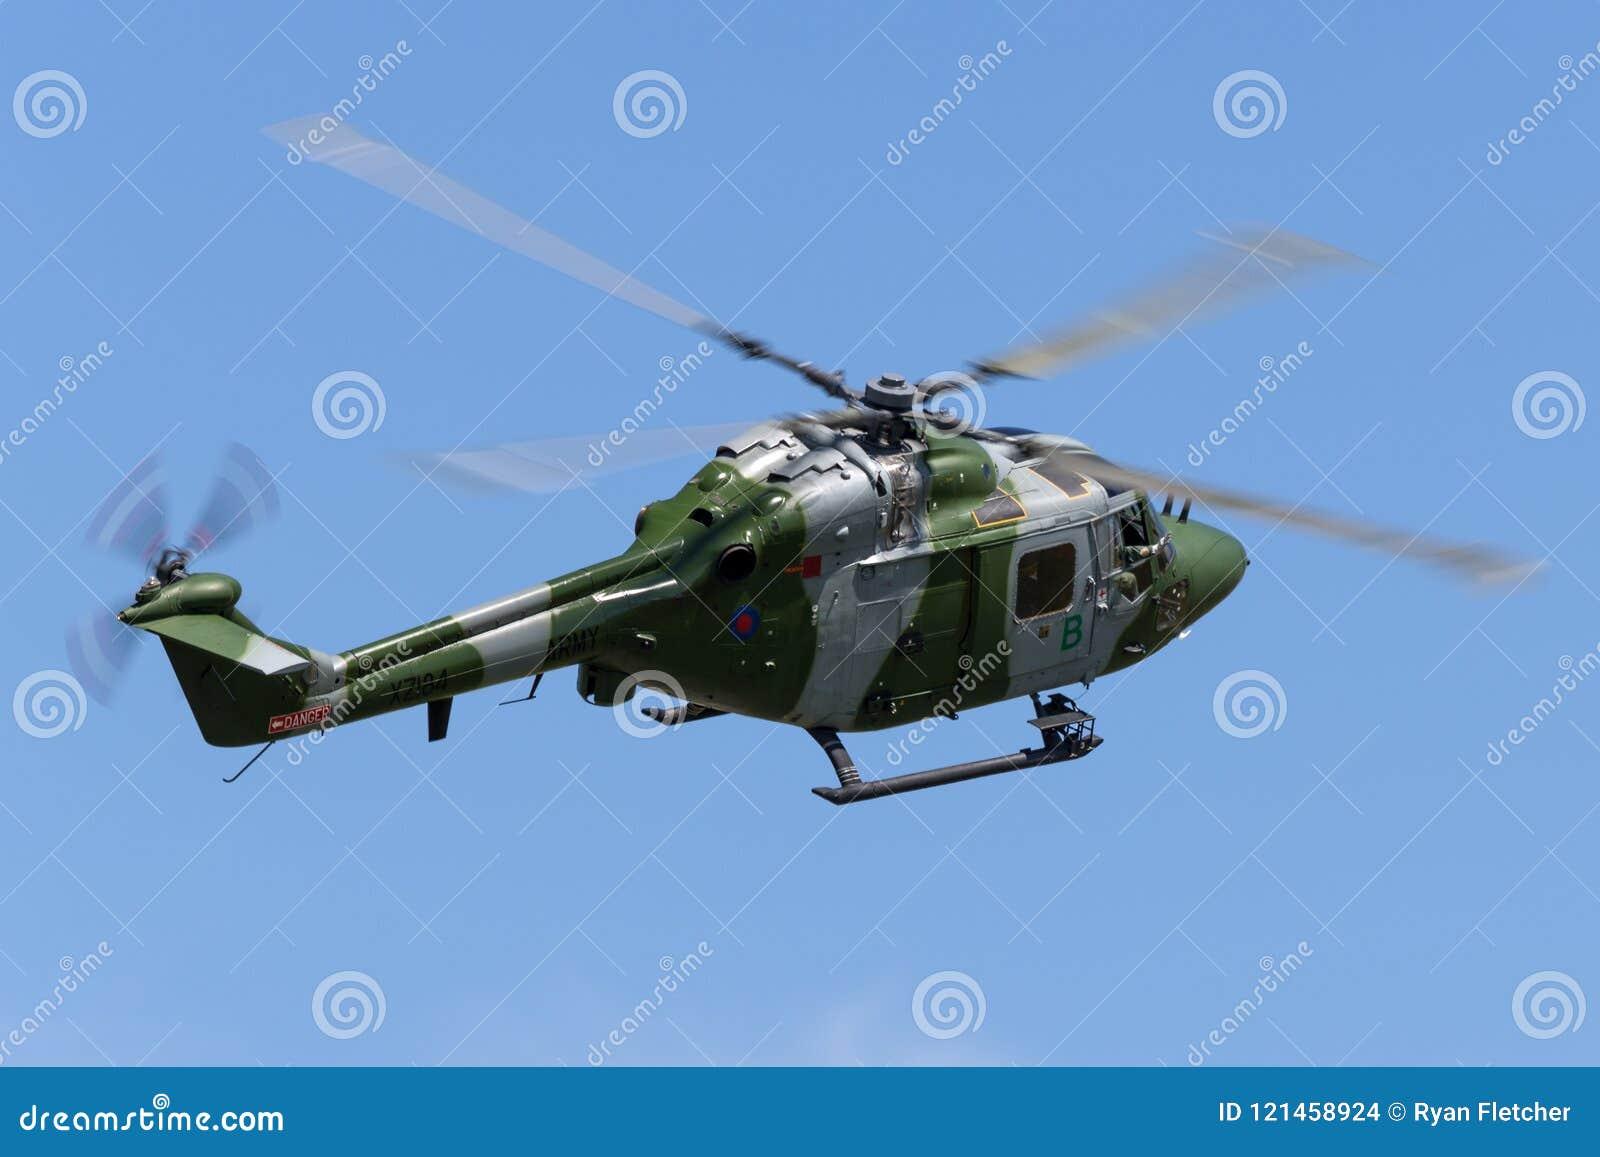 Westlandlynx AH 7 helikopter XZ184 van de Britse Korpsen van de Legerlucht